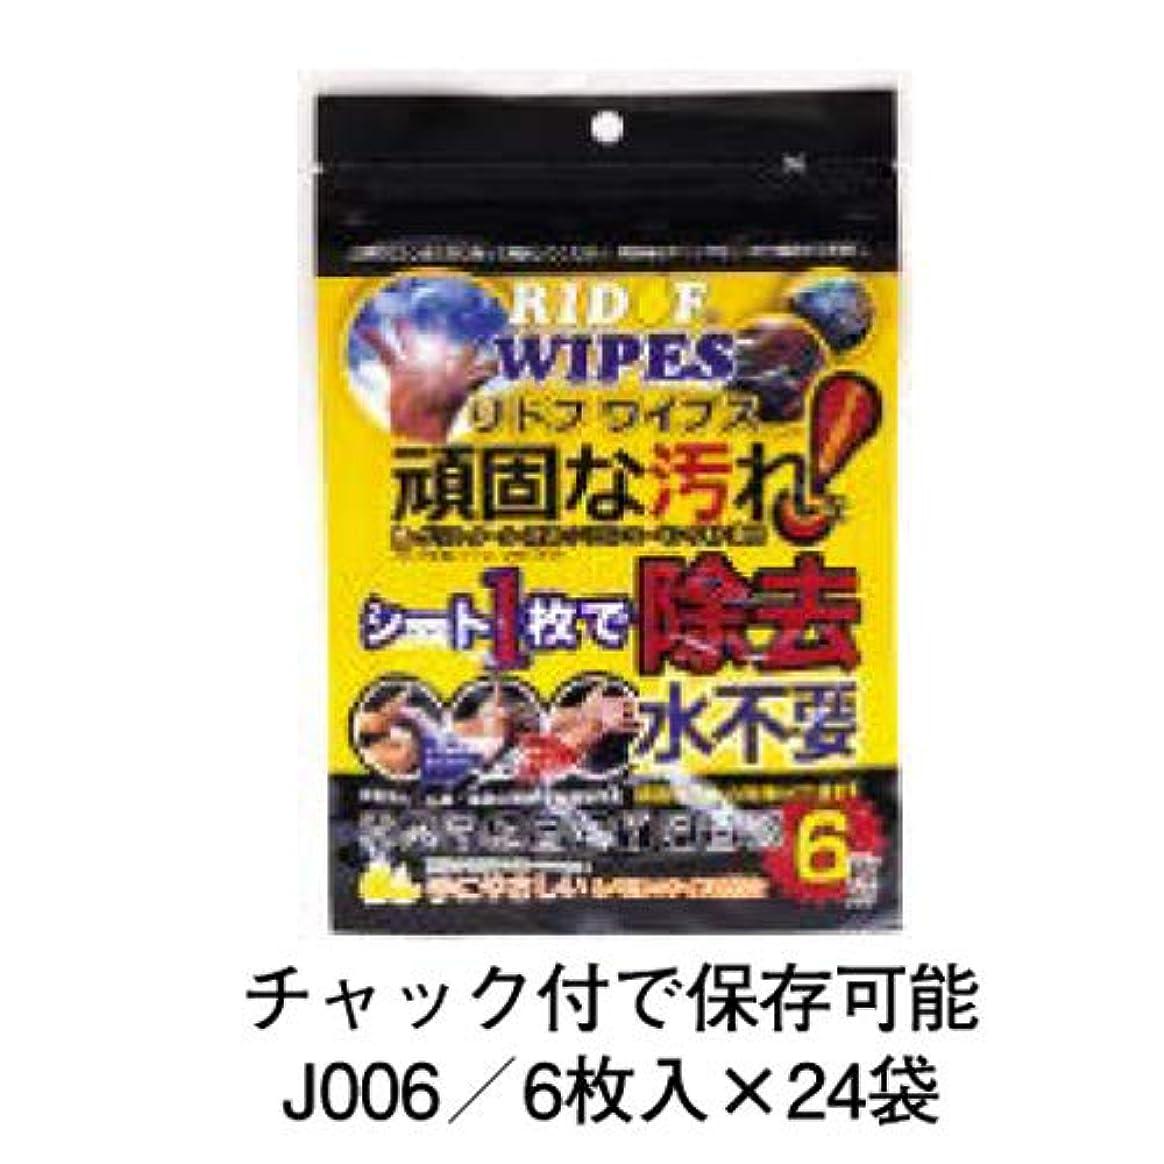 破滅素晴らしい強度リドフワイプス チャック付タイプ/6枚入×24袋 J006